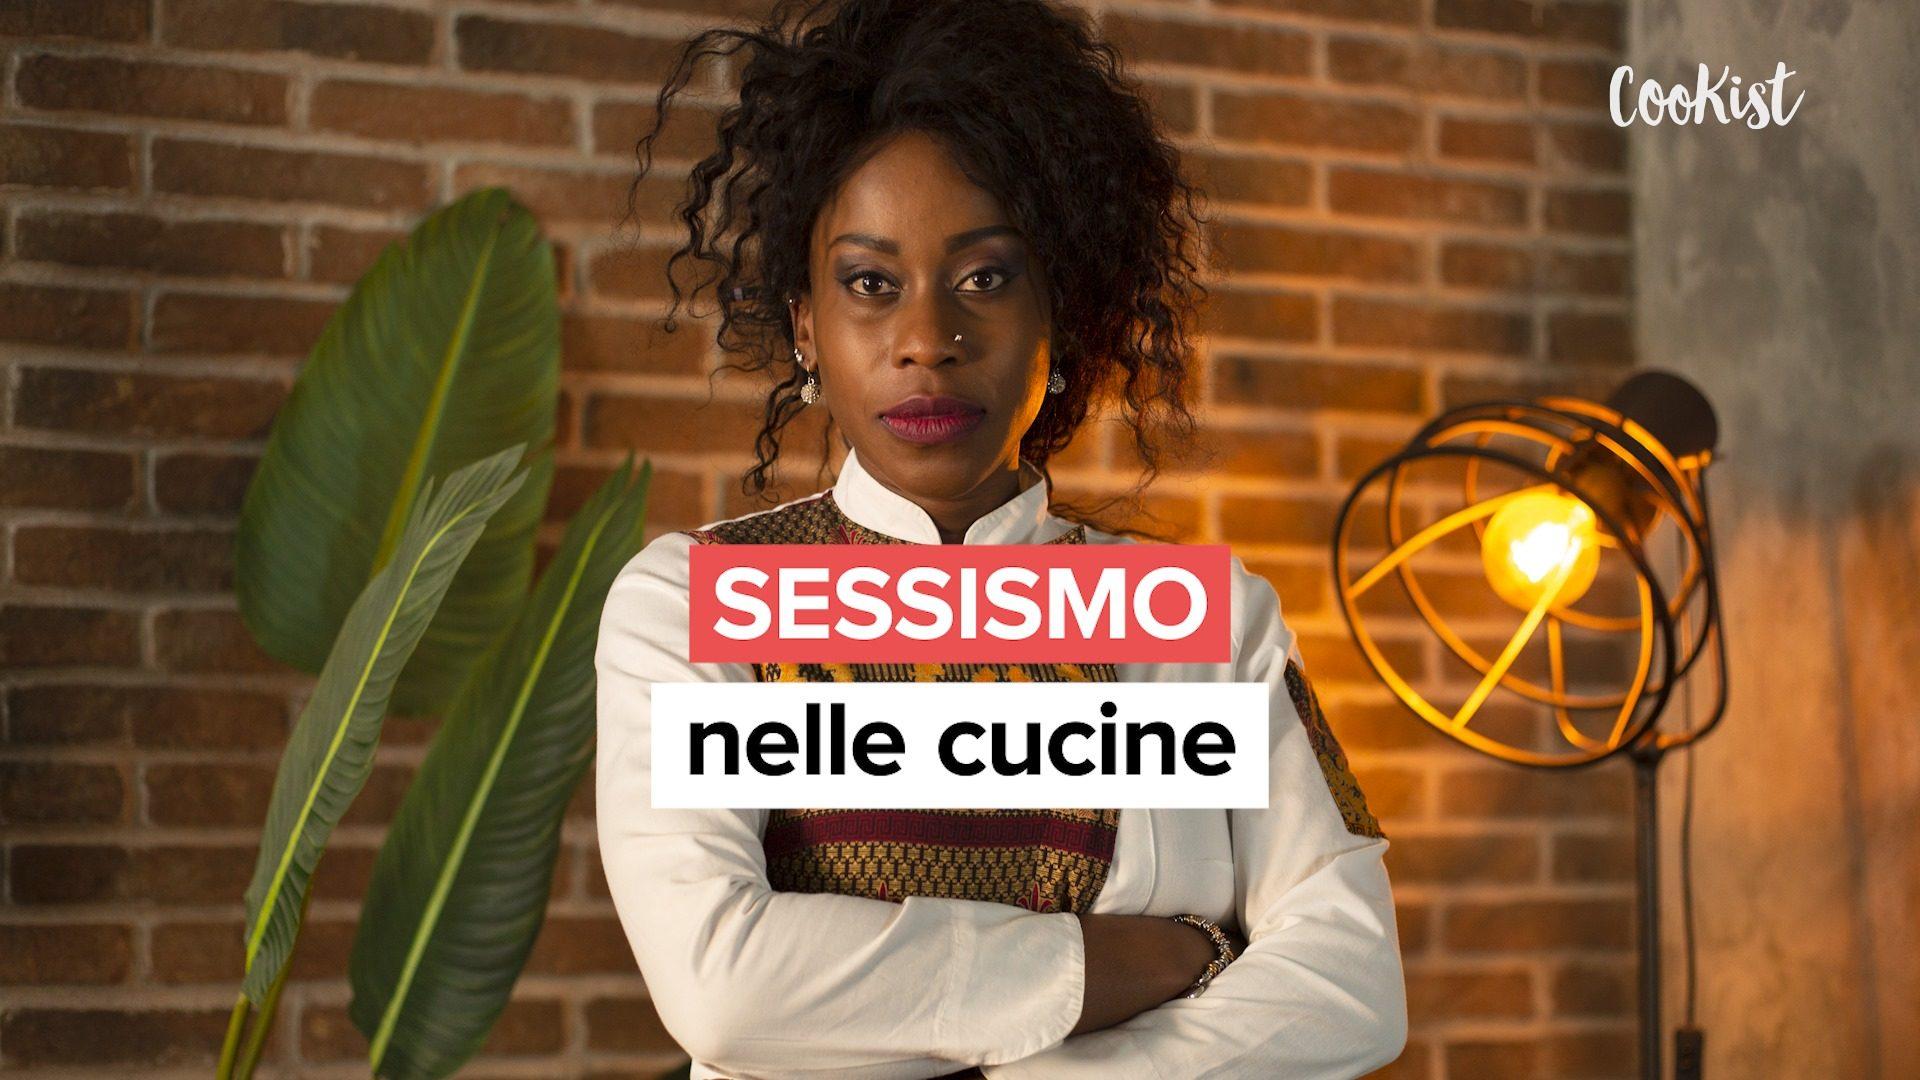 Il sessismo in cucina fra pregiudizi, mobbing e umiliazioni: la storia di Victoire Gouloubi